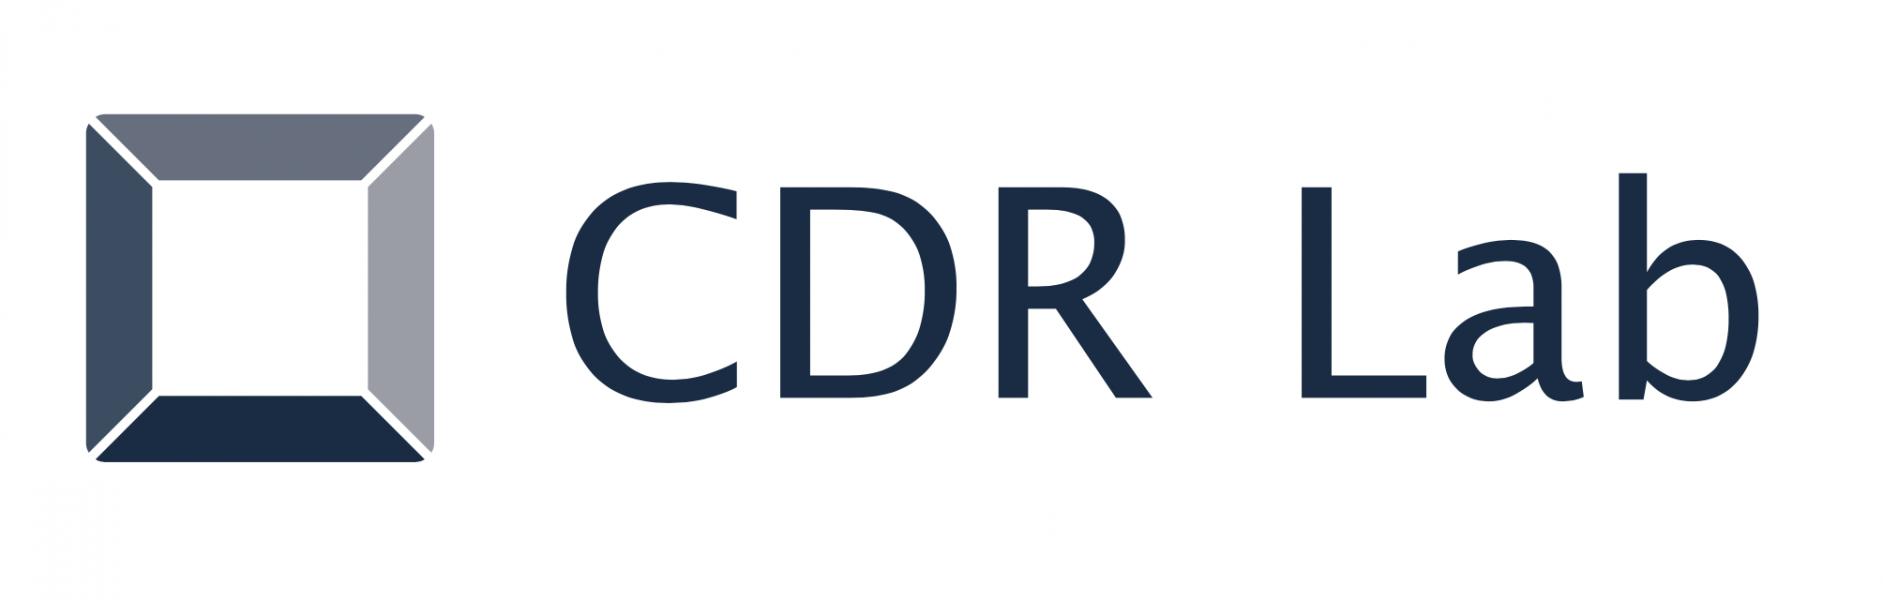 """Digitale Unternehmensverantwortung in der Praxis – Einblick in das """"CDR Lab"""" am 23. Februar 14.00-17.00 Uhr"""